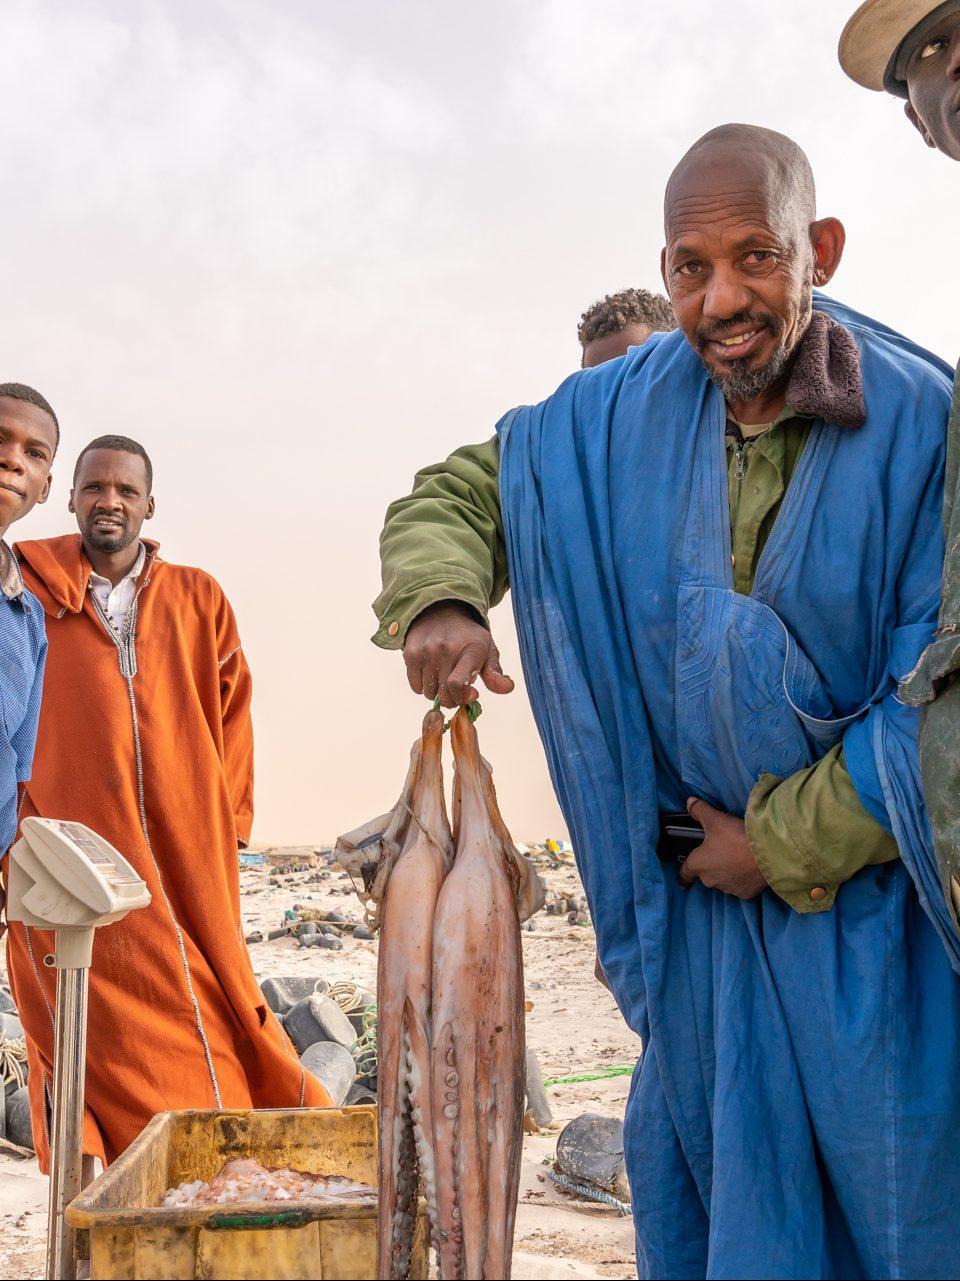 Fischer im Banq DArguin Nationalpark, Mauretanien